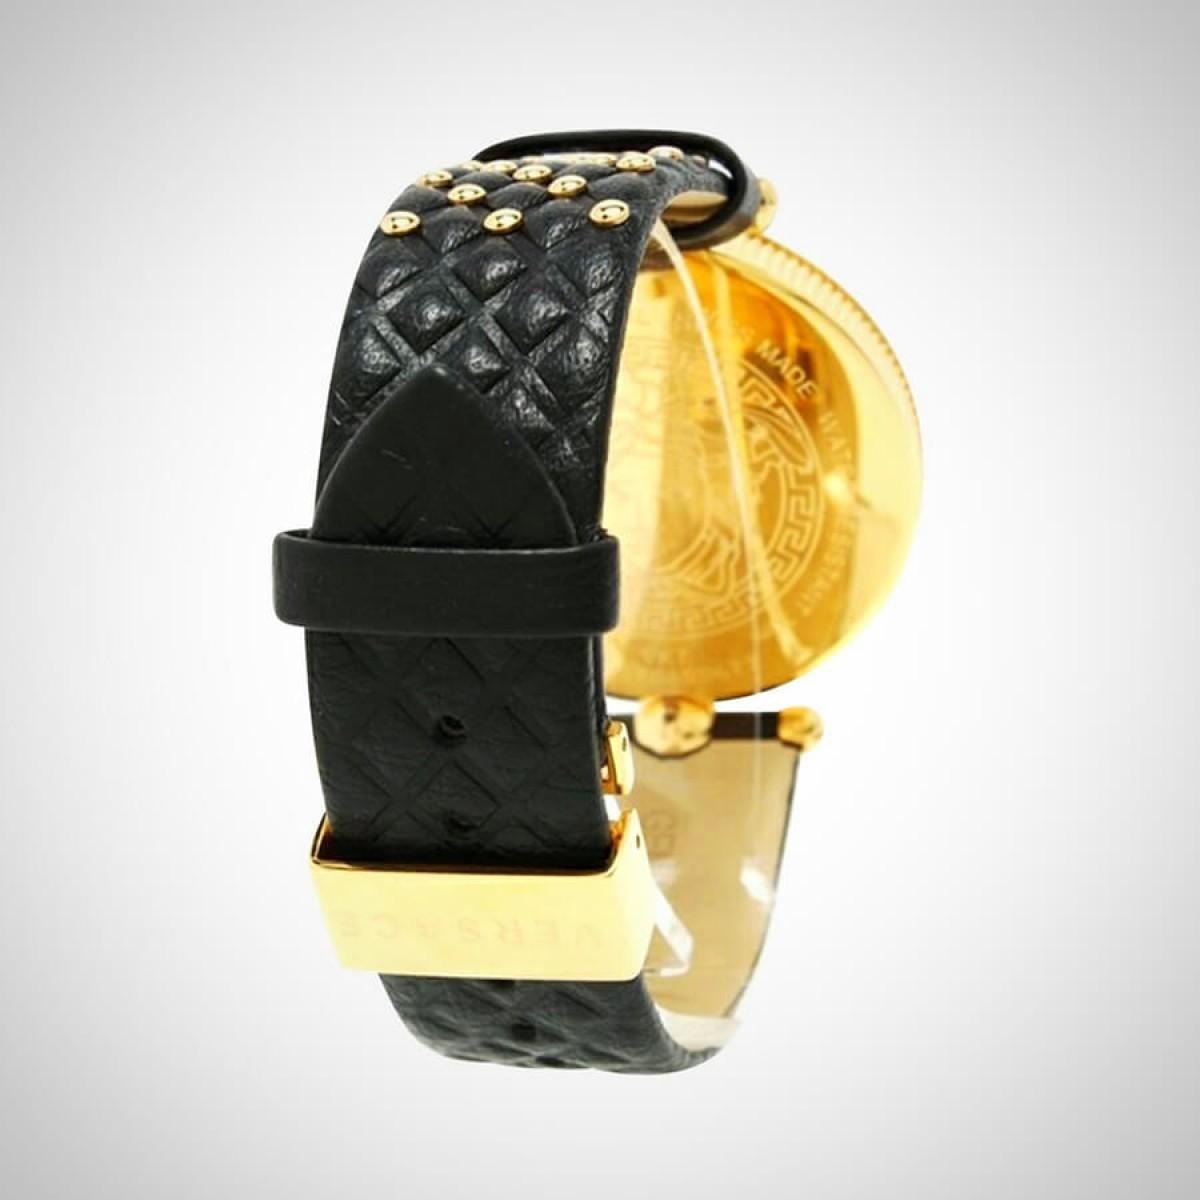 Часовник Versace VK703 0013